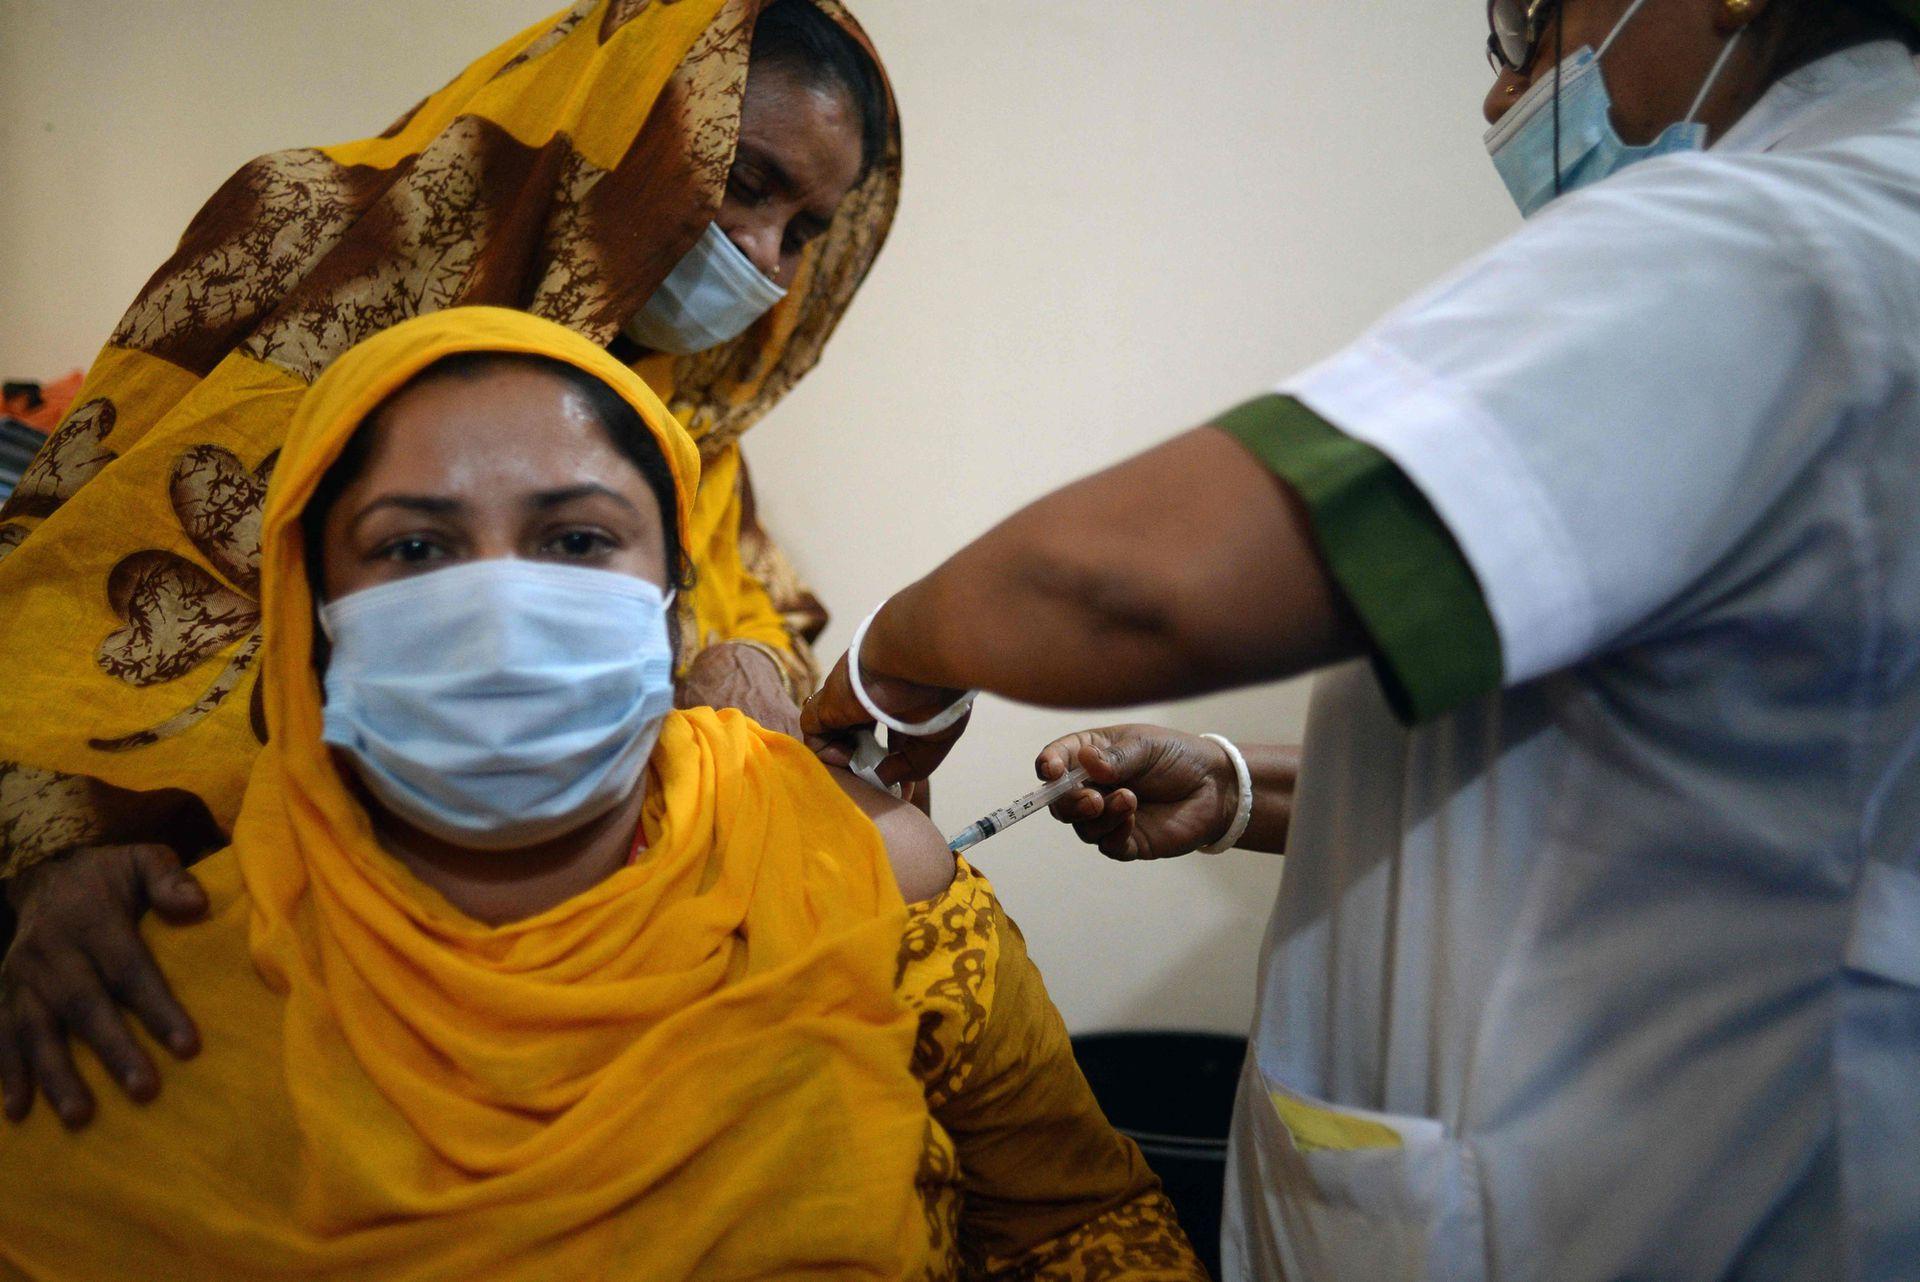 BANGLADESH : Una trabajadora recibe una dosis de la vacuna Covid-19 en Daulatdia, el 3 de marzo de 2021.